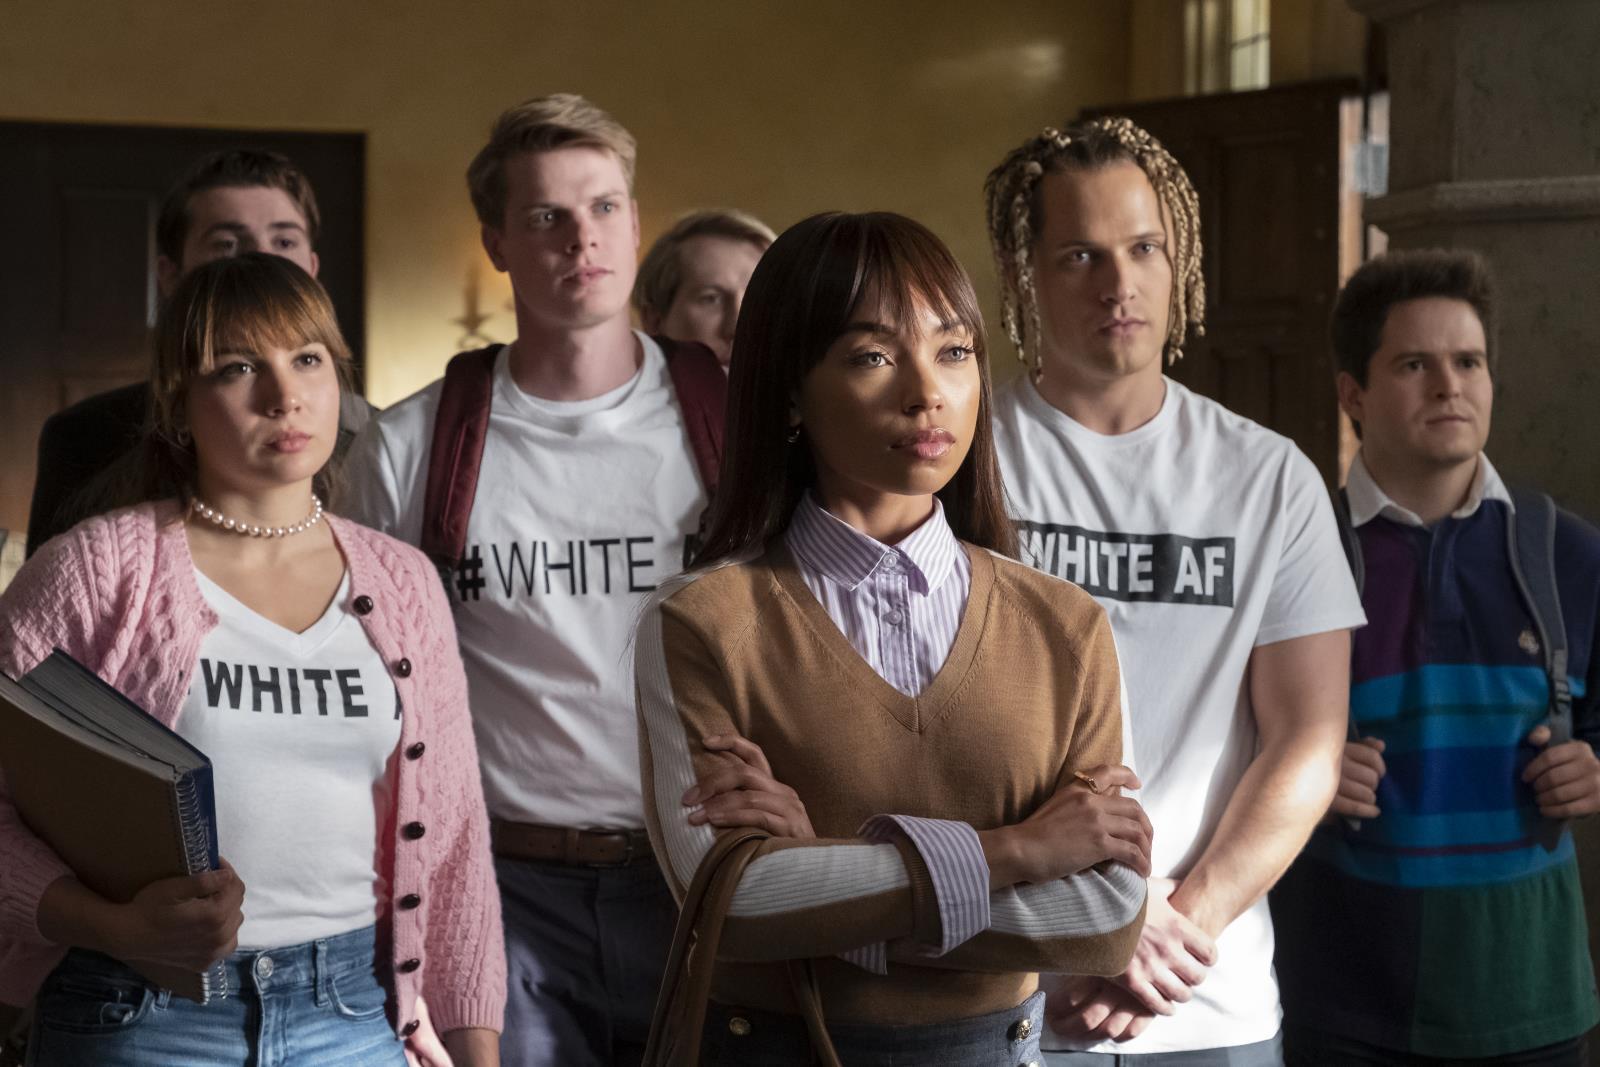 dear-white-people.jpg